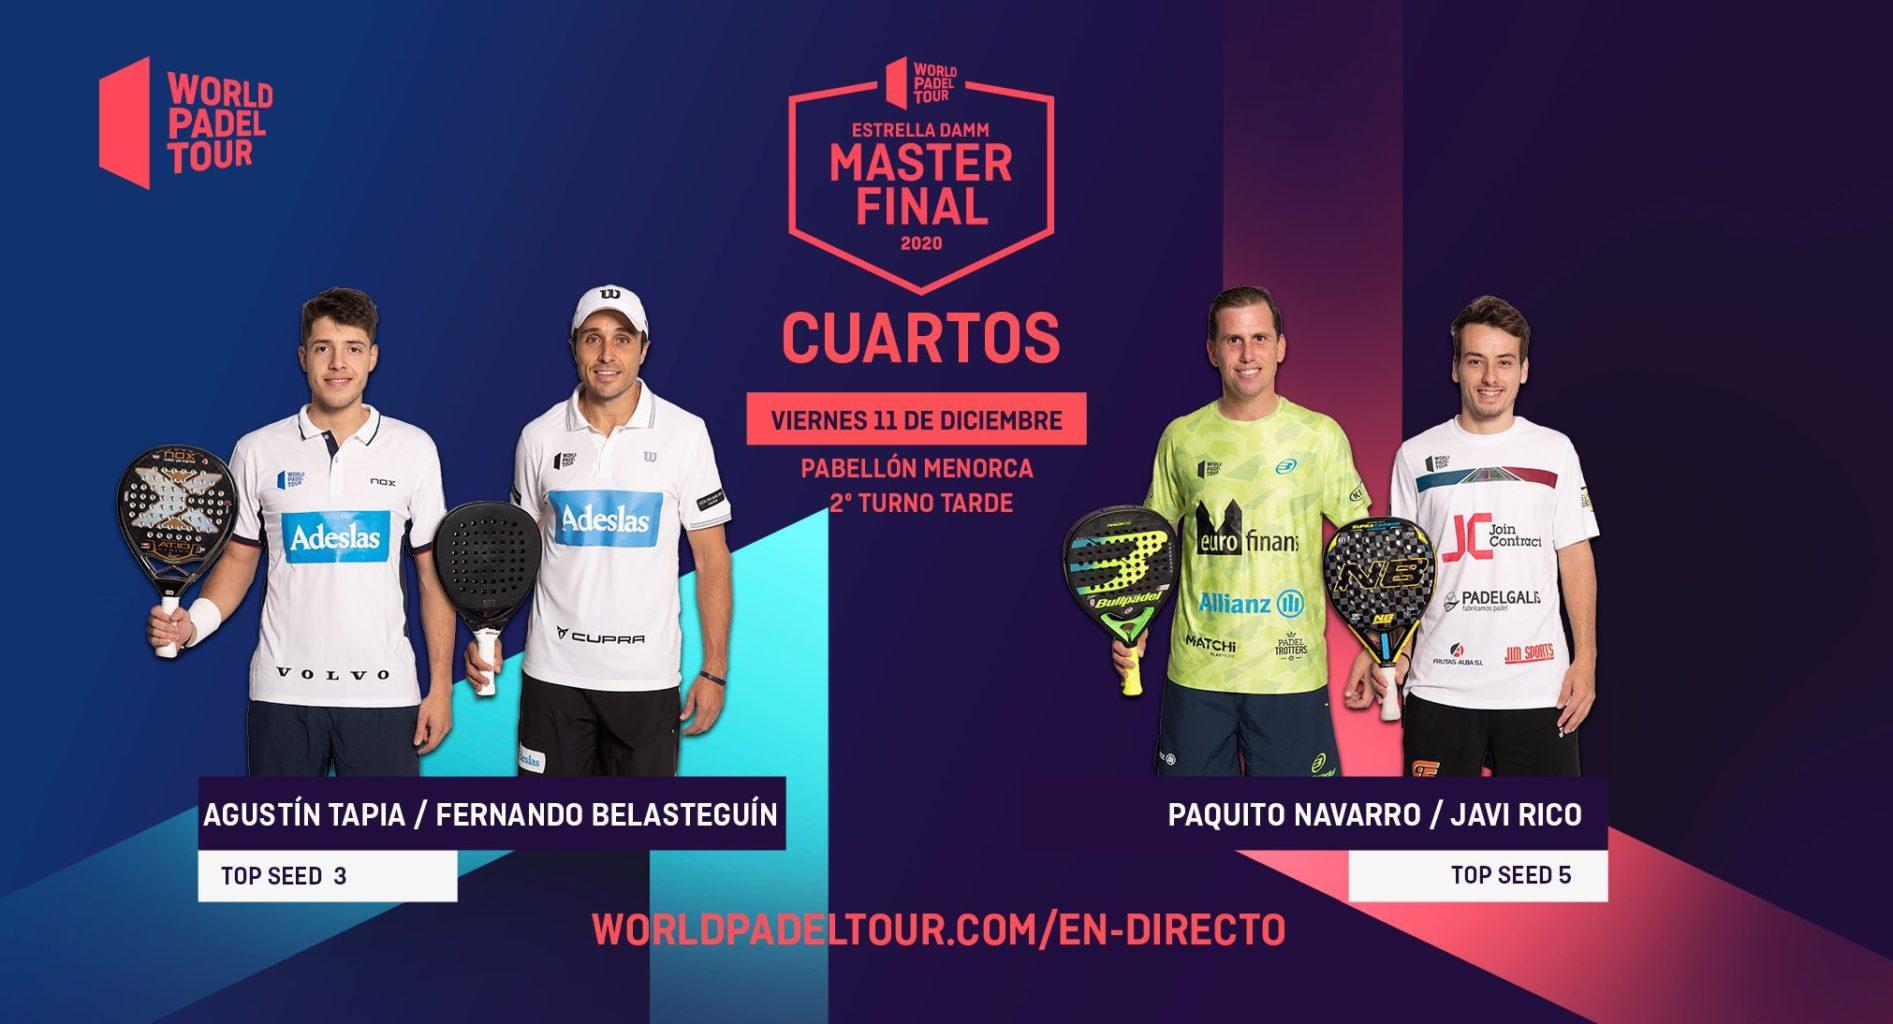 En directo la jornada de tarde del viernes de los cuartos de final del Estrella Damm Menorca Master Final 2020